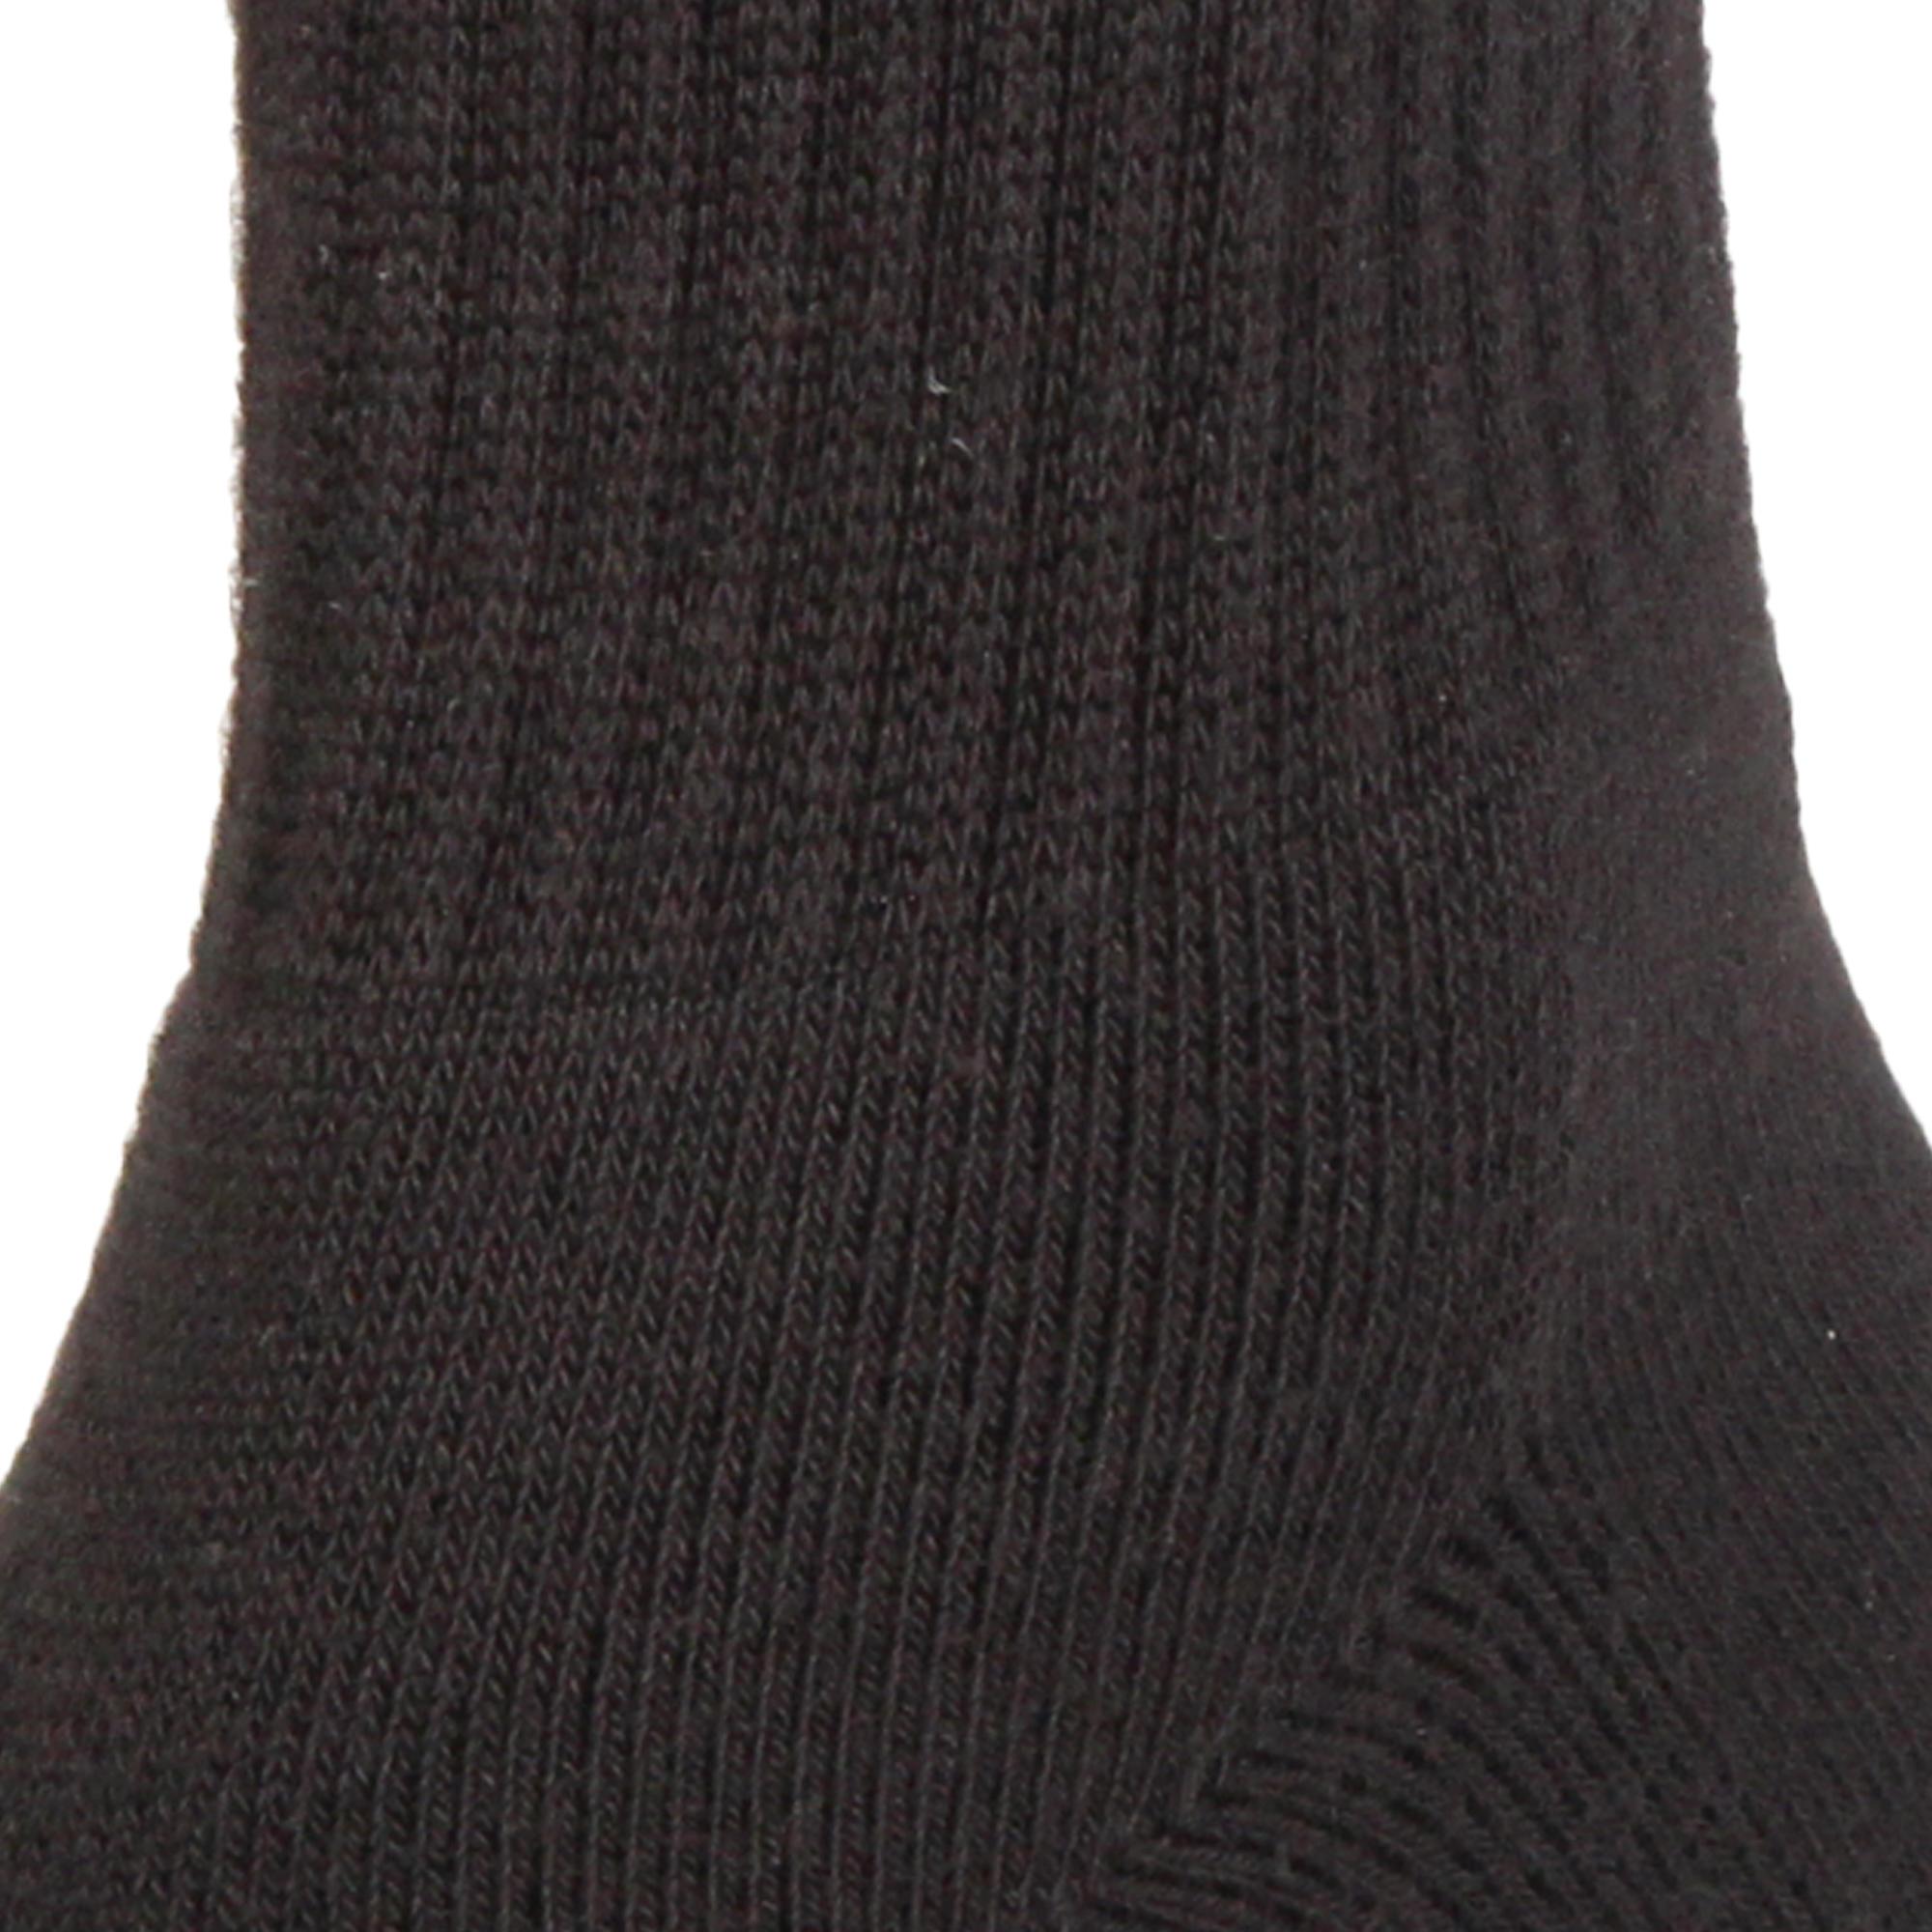 Socks Half Cushion Black